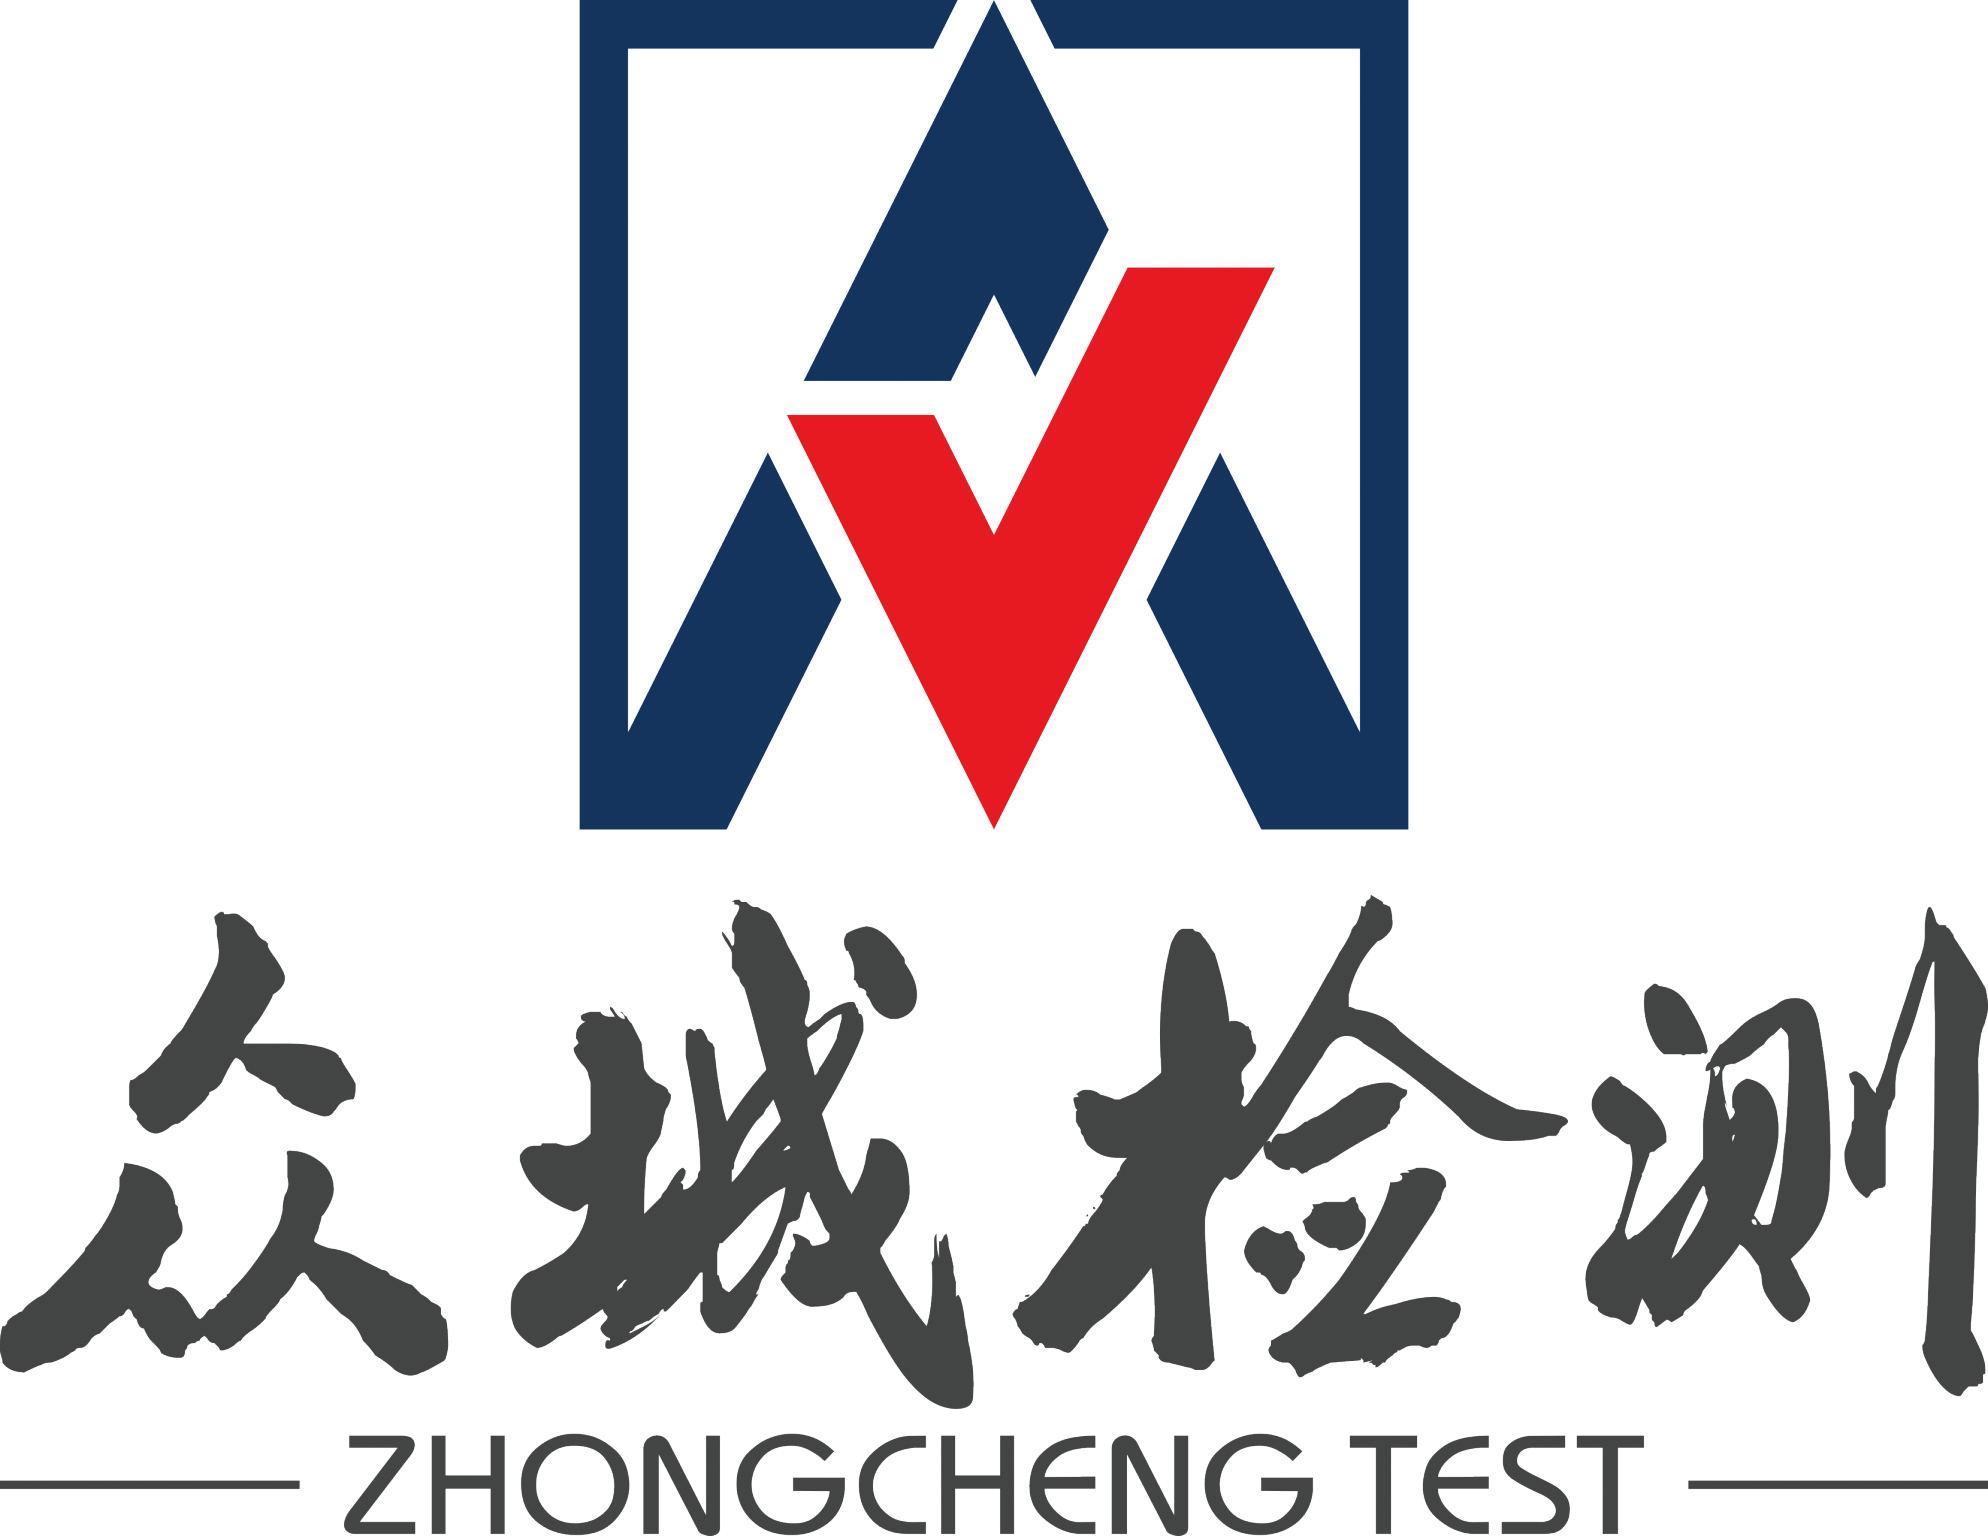 浙江眾城檢測技術有限公司